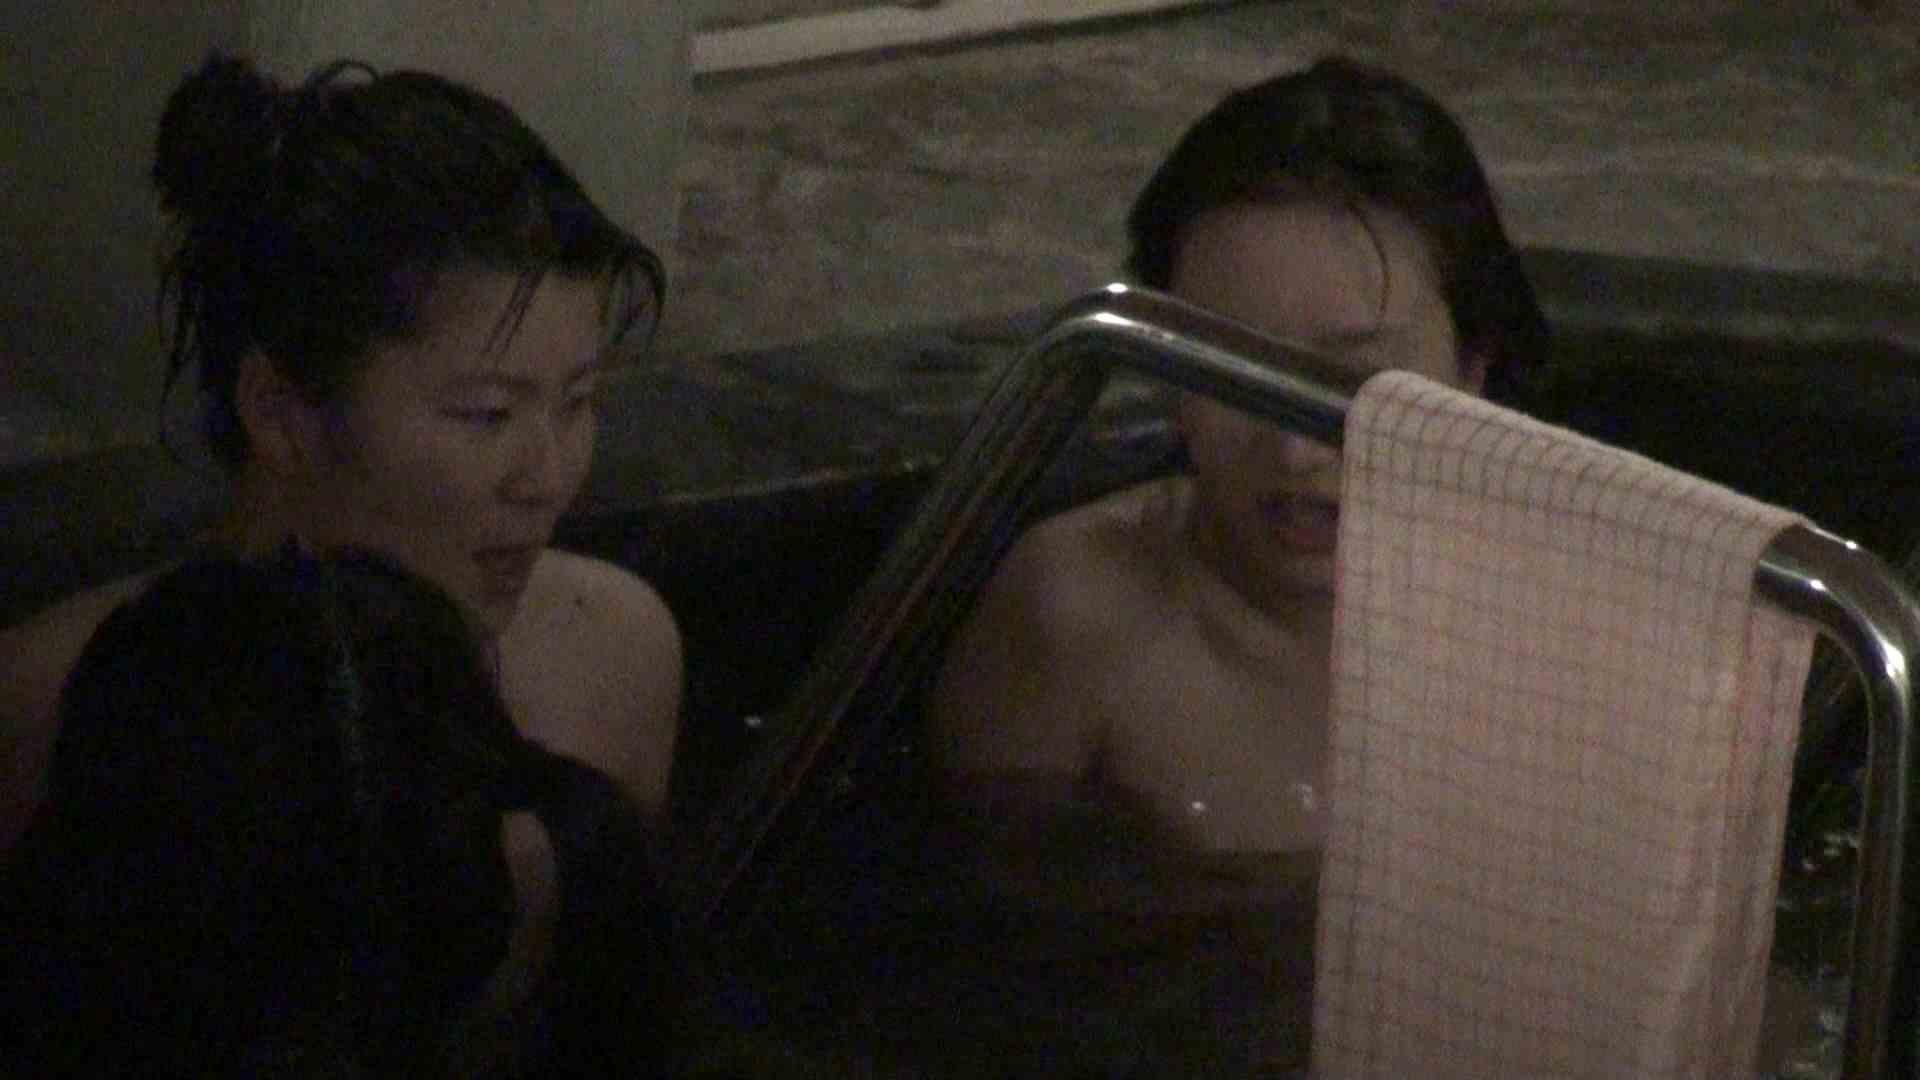 Aquaな露天風呂Vol.334 美しいOLの裸体 | 盗撮師作品  102pic 7